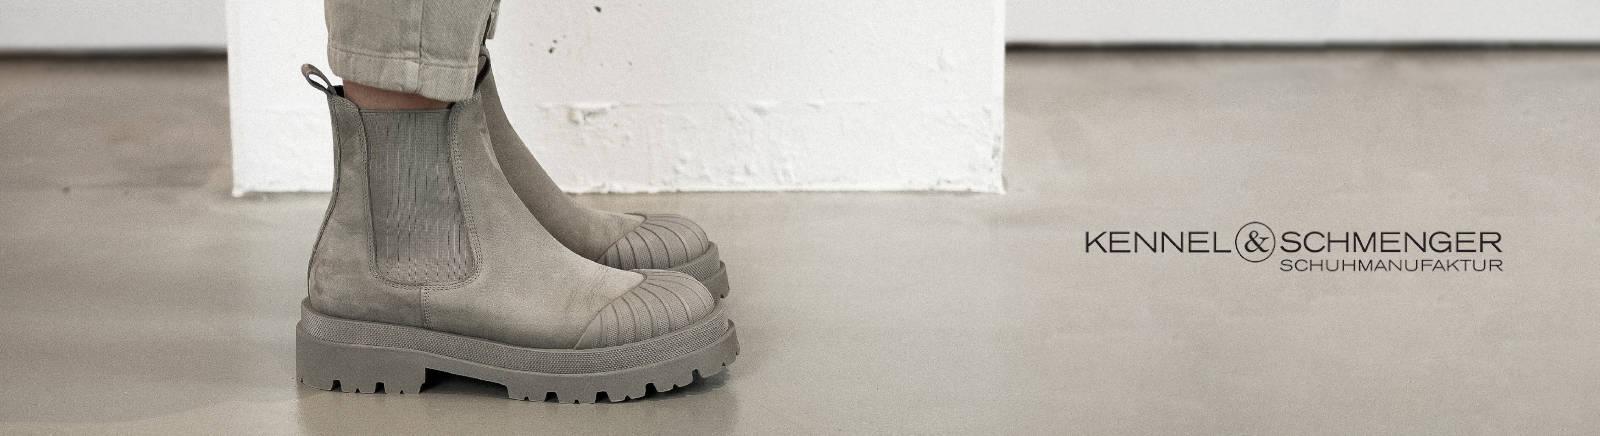 Prange: Kennel & Schmenger Stiefel für Damen online shoppen